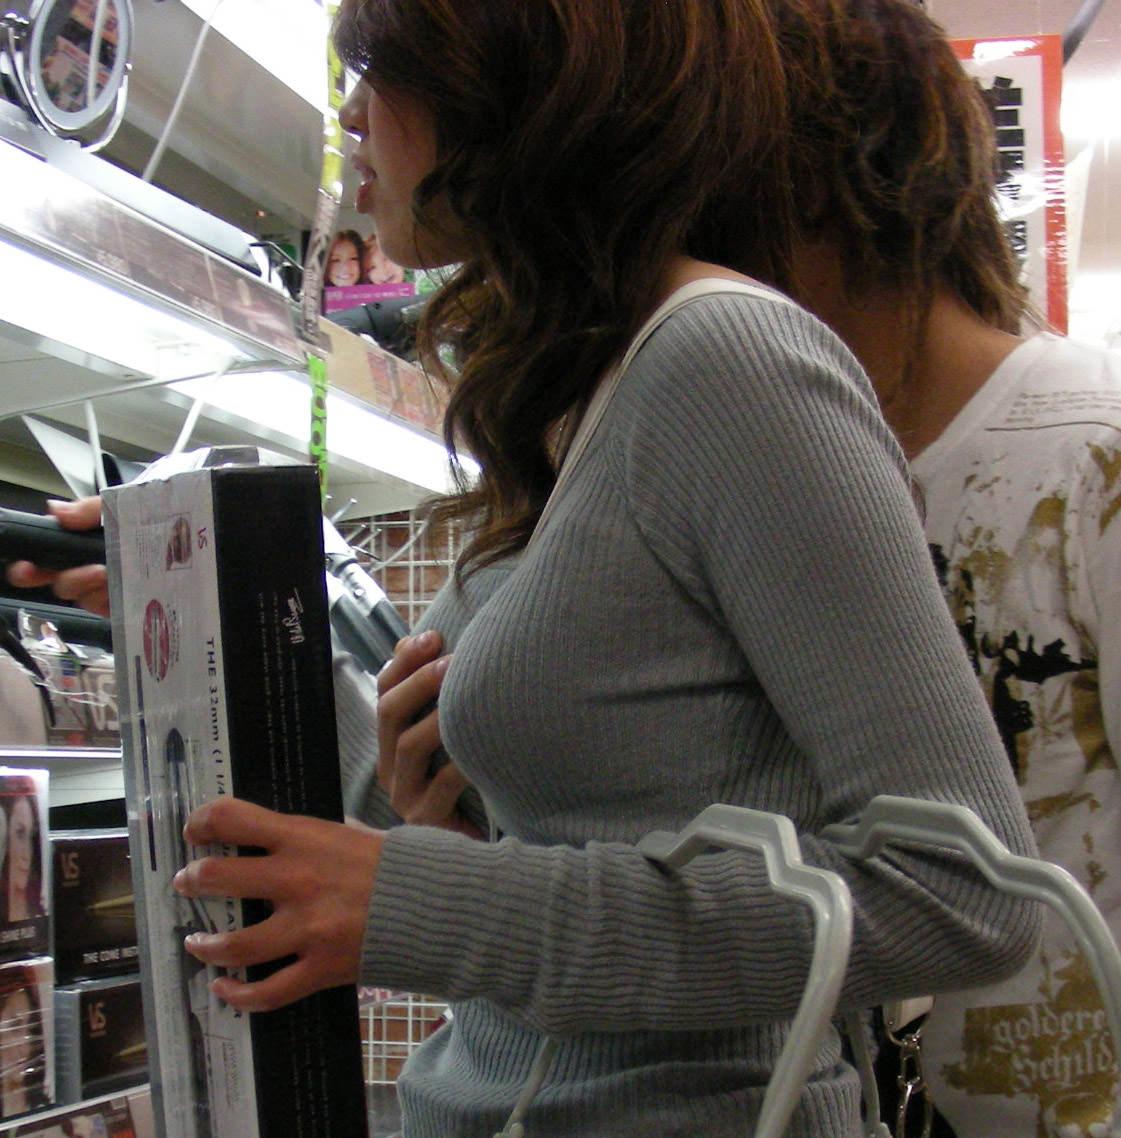 おっぱいの形が丸わかりな素人の着衣おっぱいセーター画像 sirouto knitkyonyu matidori 27004